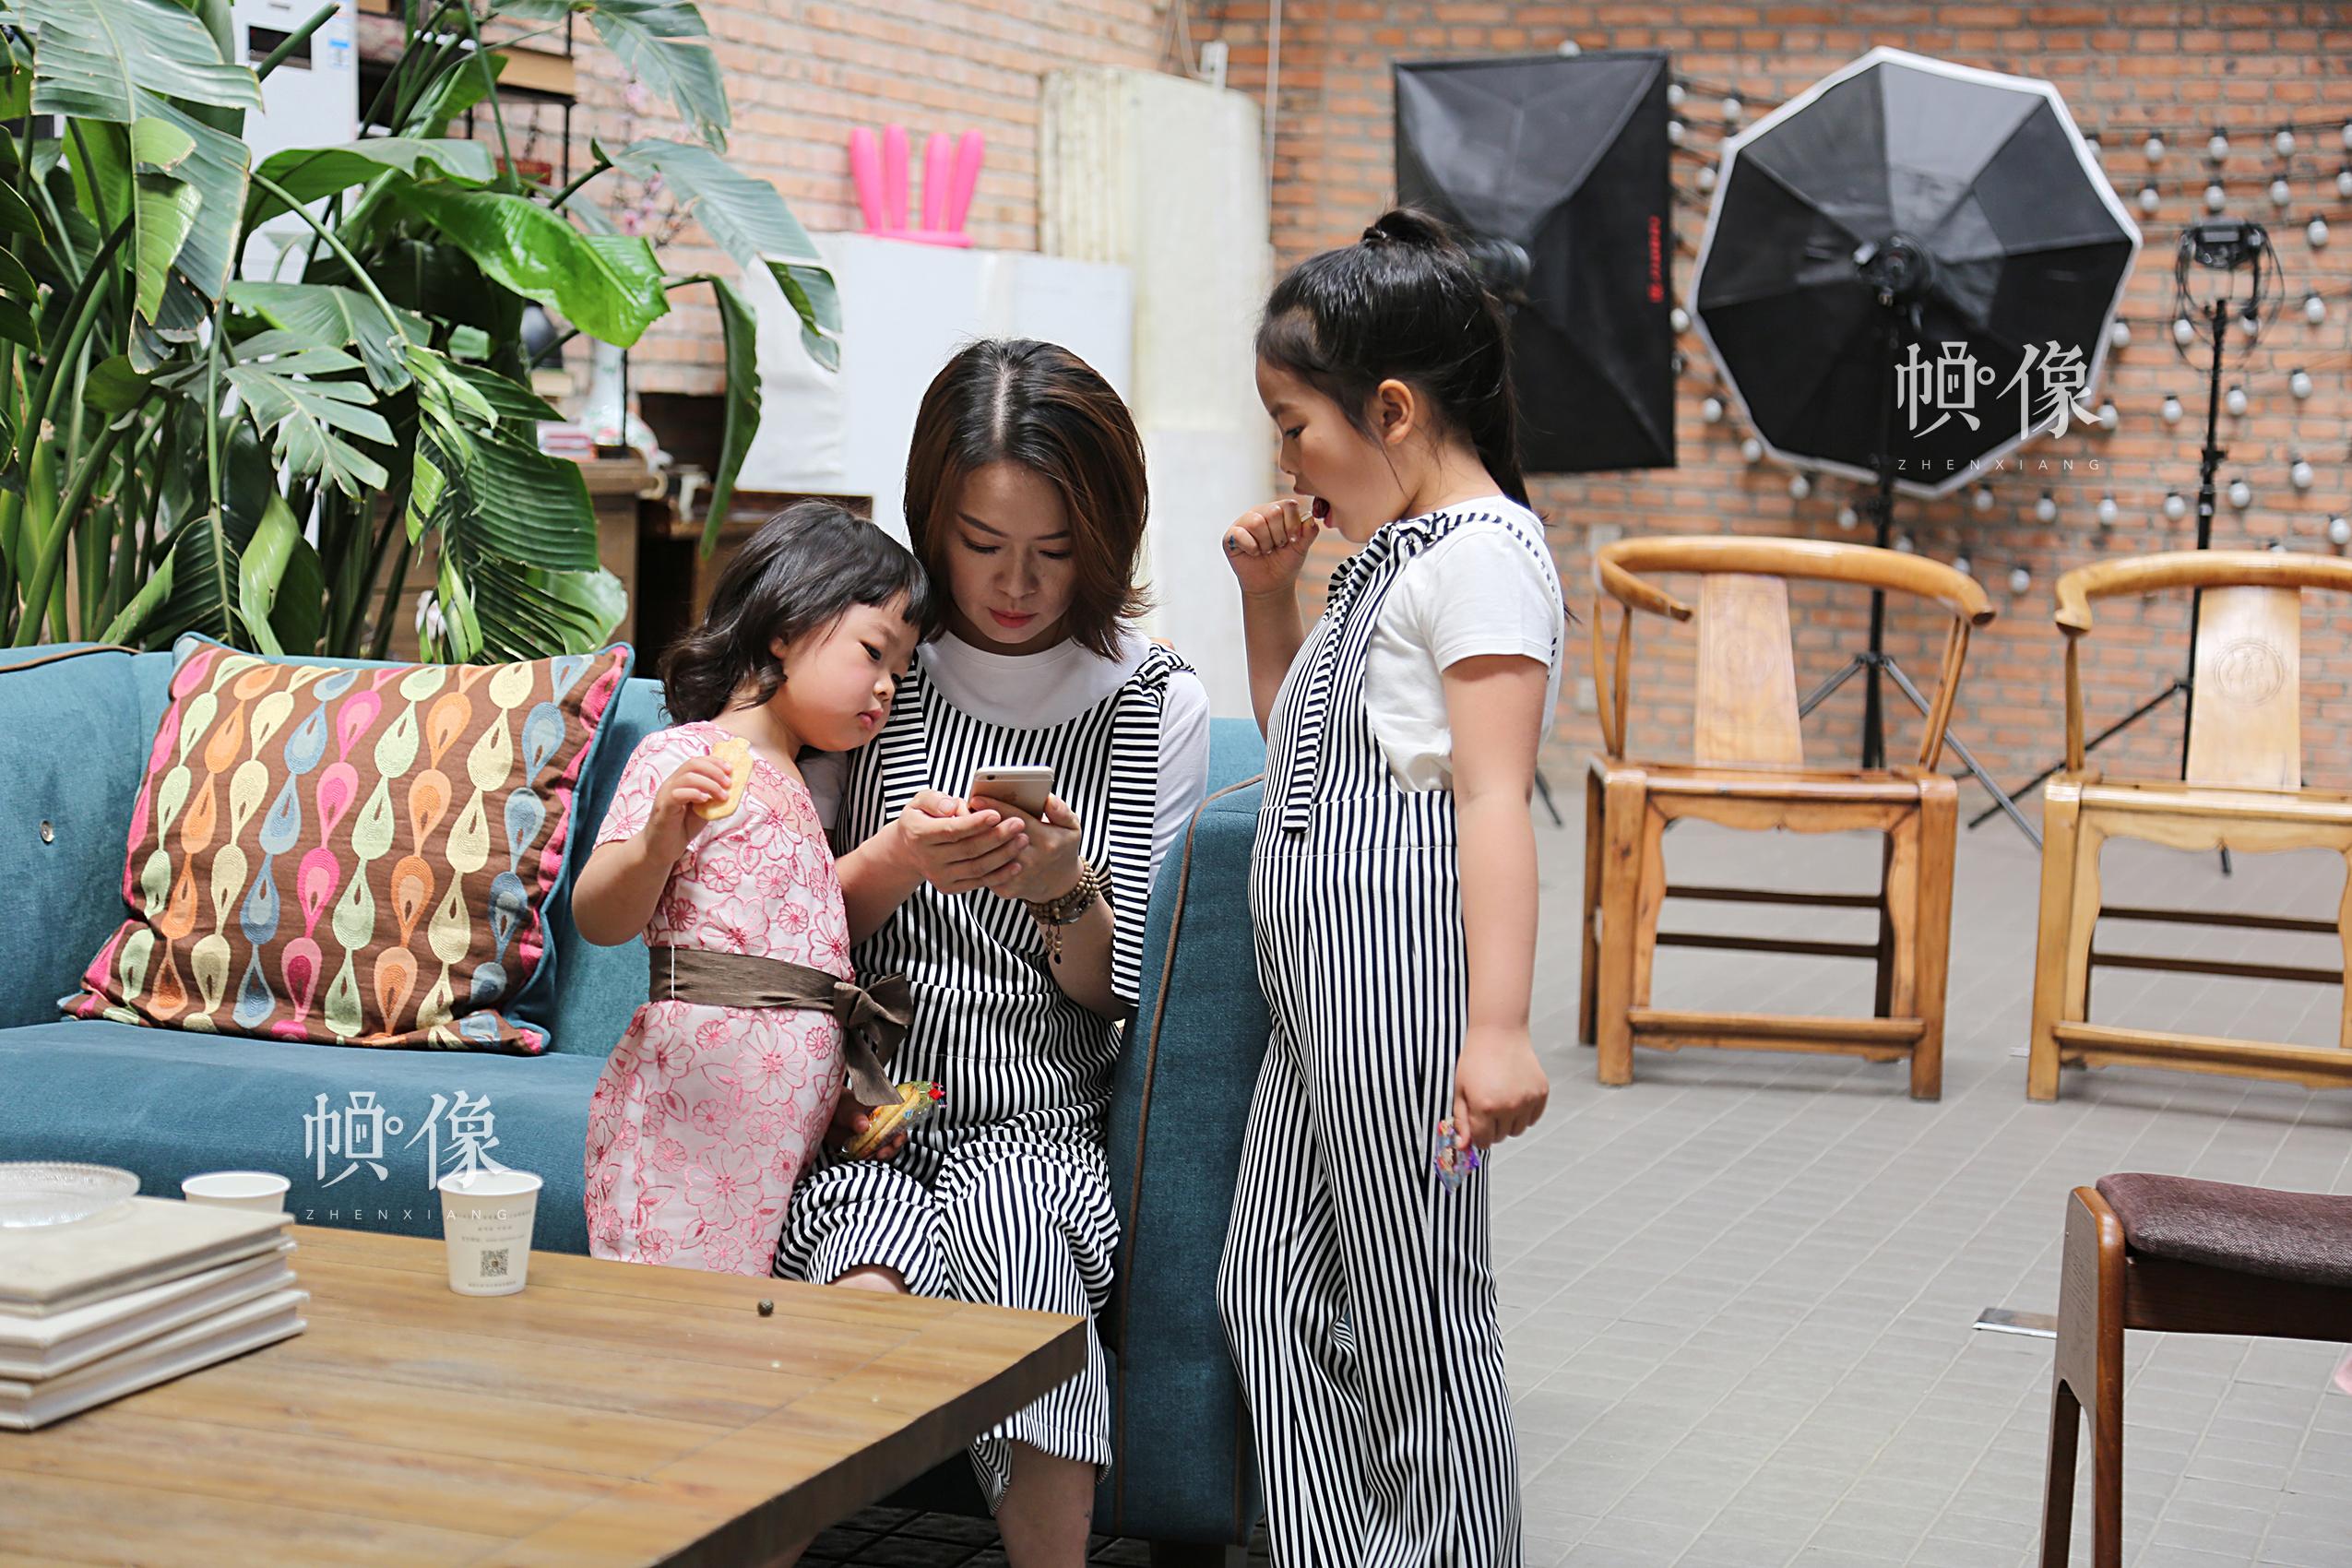 两个女儿围在李春晓身边,看妈妈刚才给她们拍的照片。中国网记者黄富友 摄